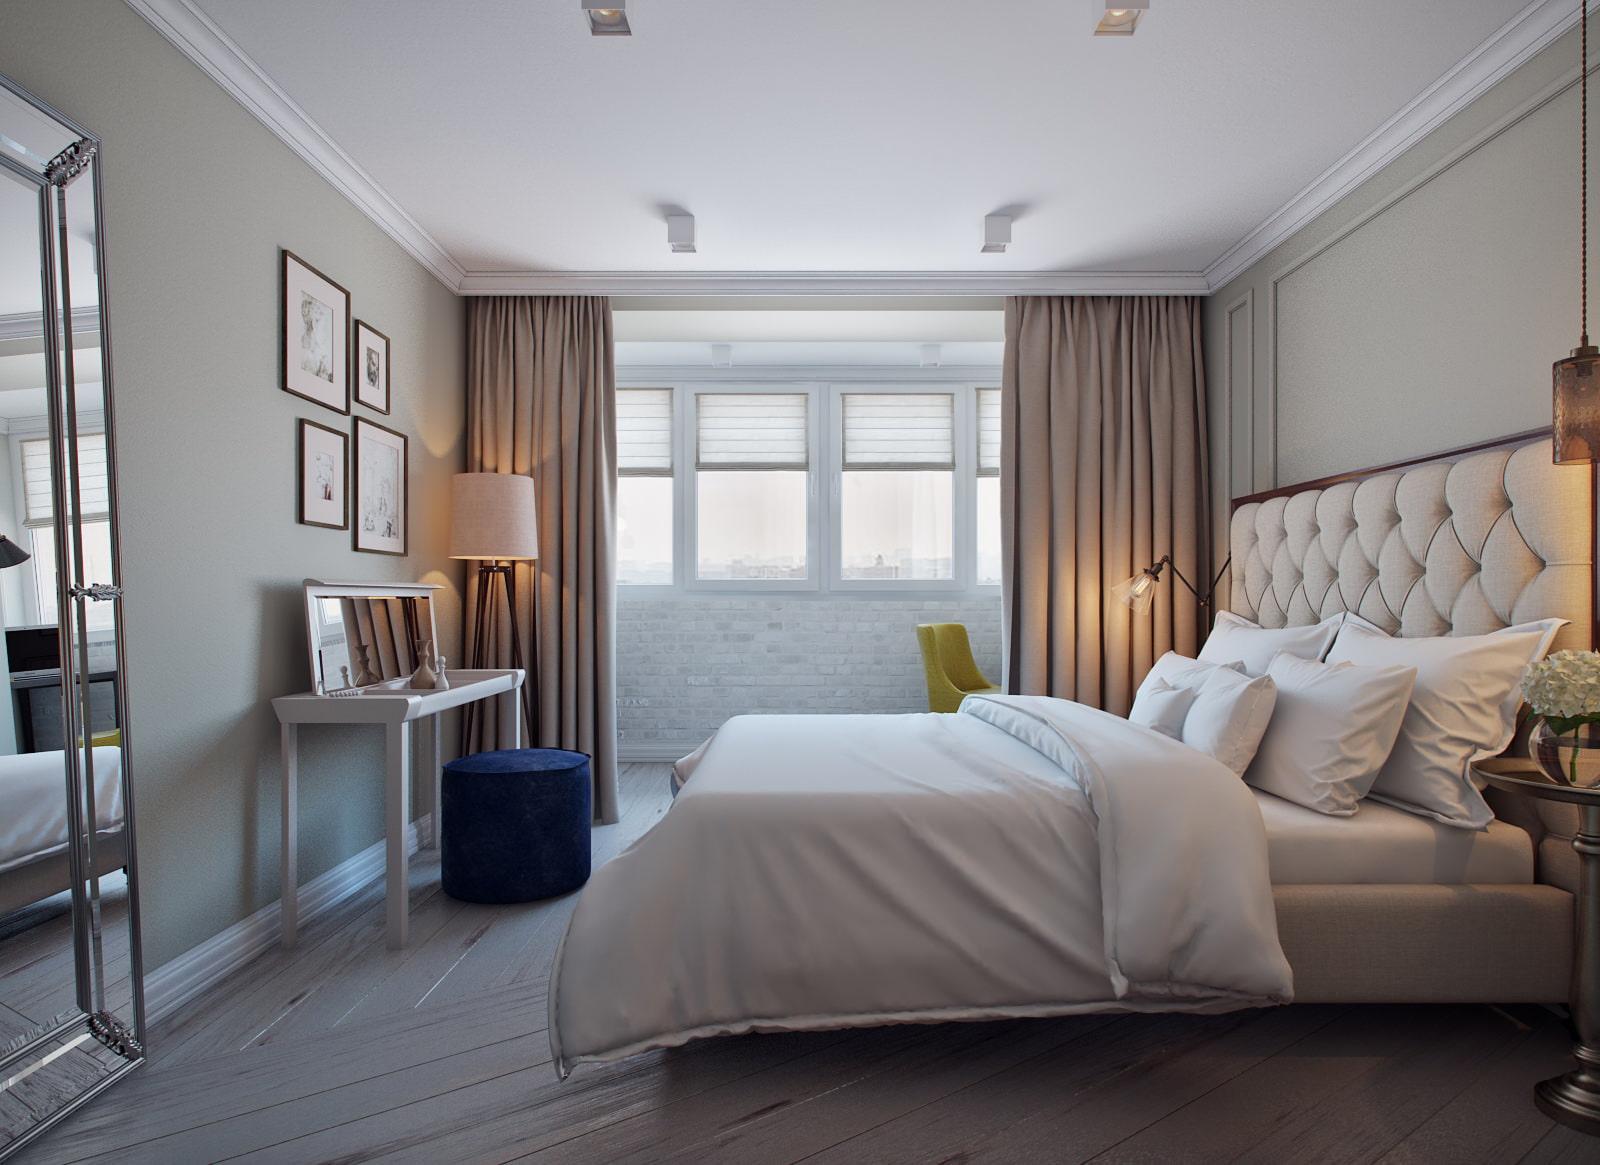 Проект дизайна трехкомнатной квартиры 80 кв. м. от айи лисов.